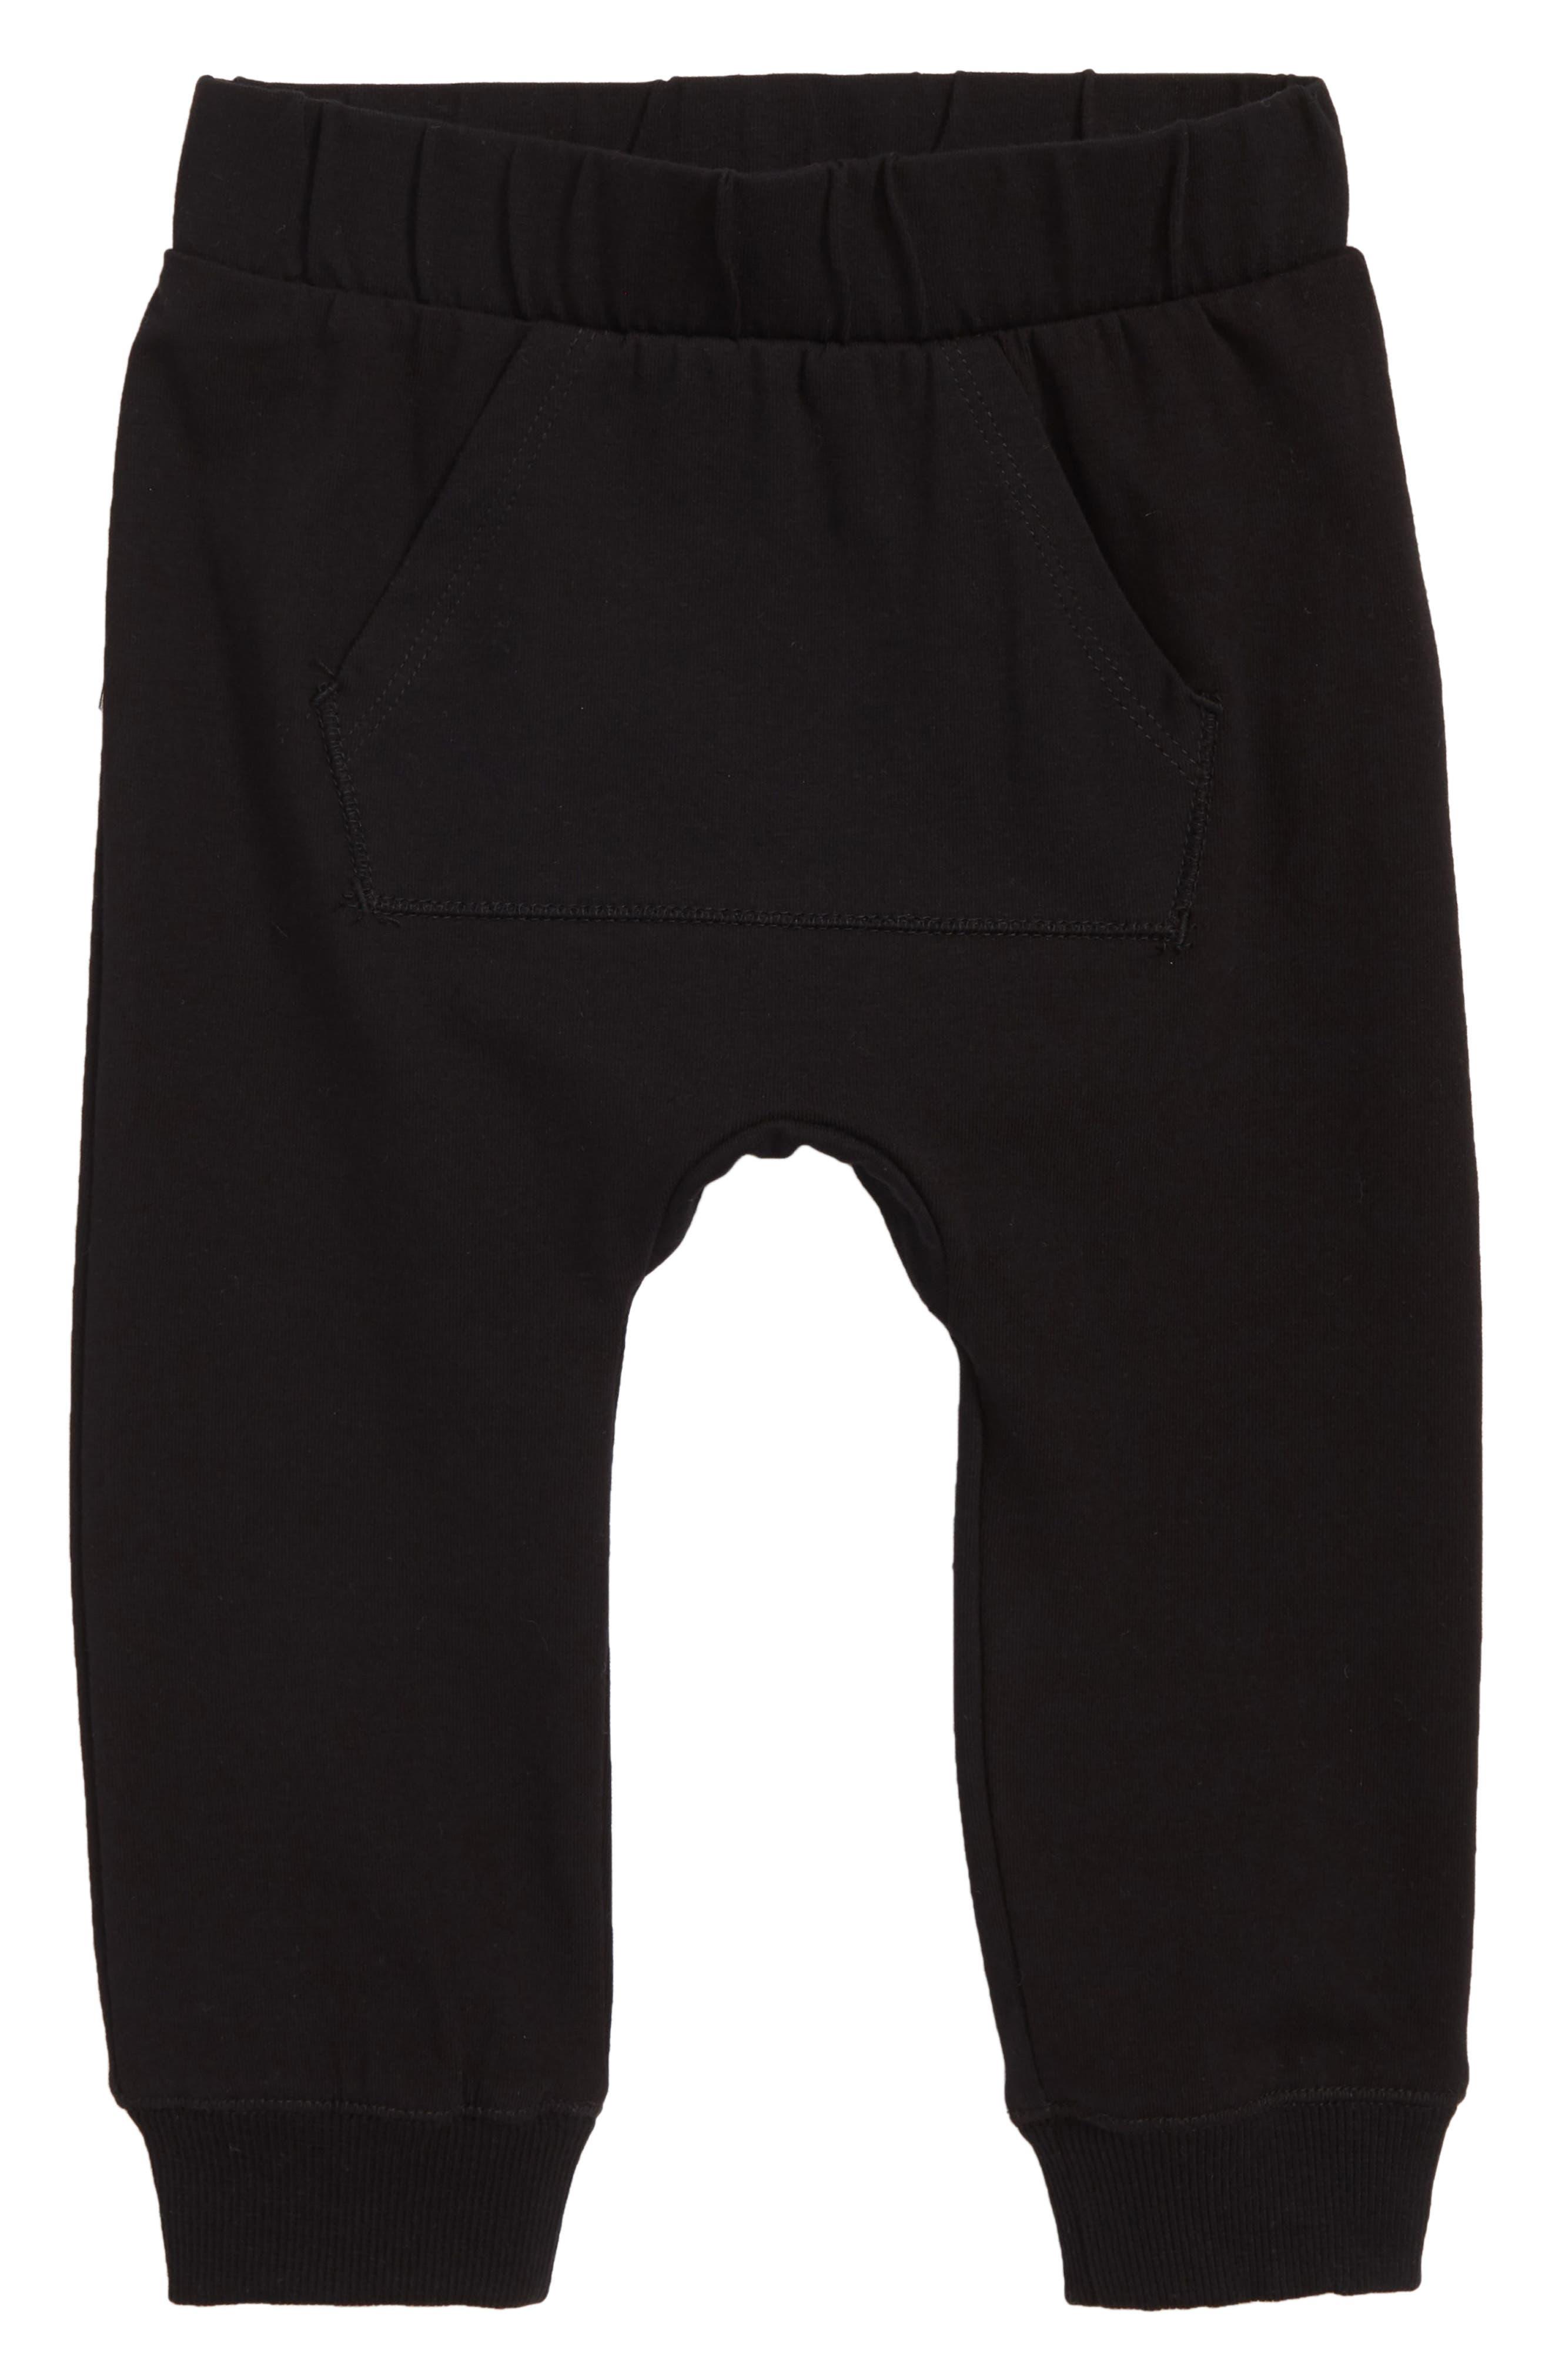 Jogger Pants,                             Main thumbnail 1, color,                             001